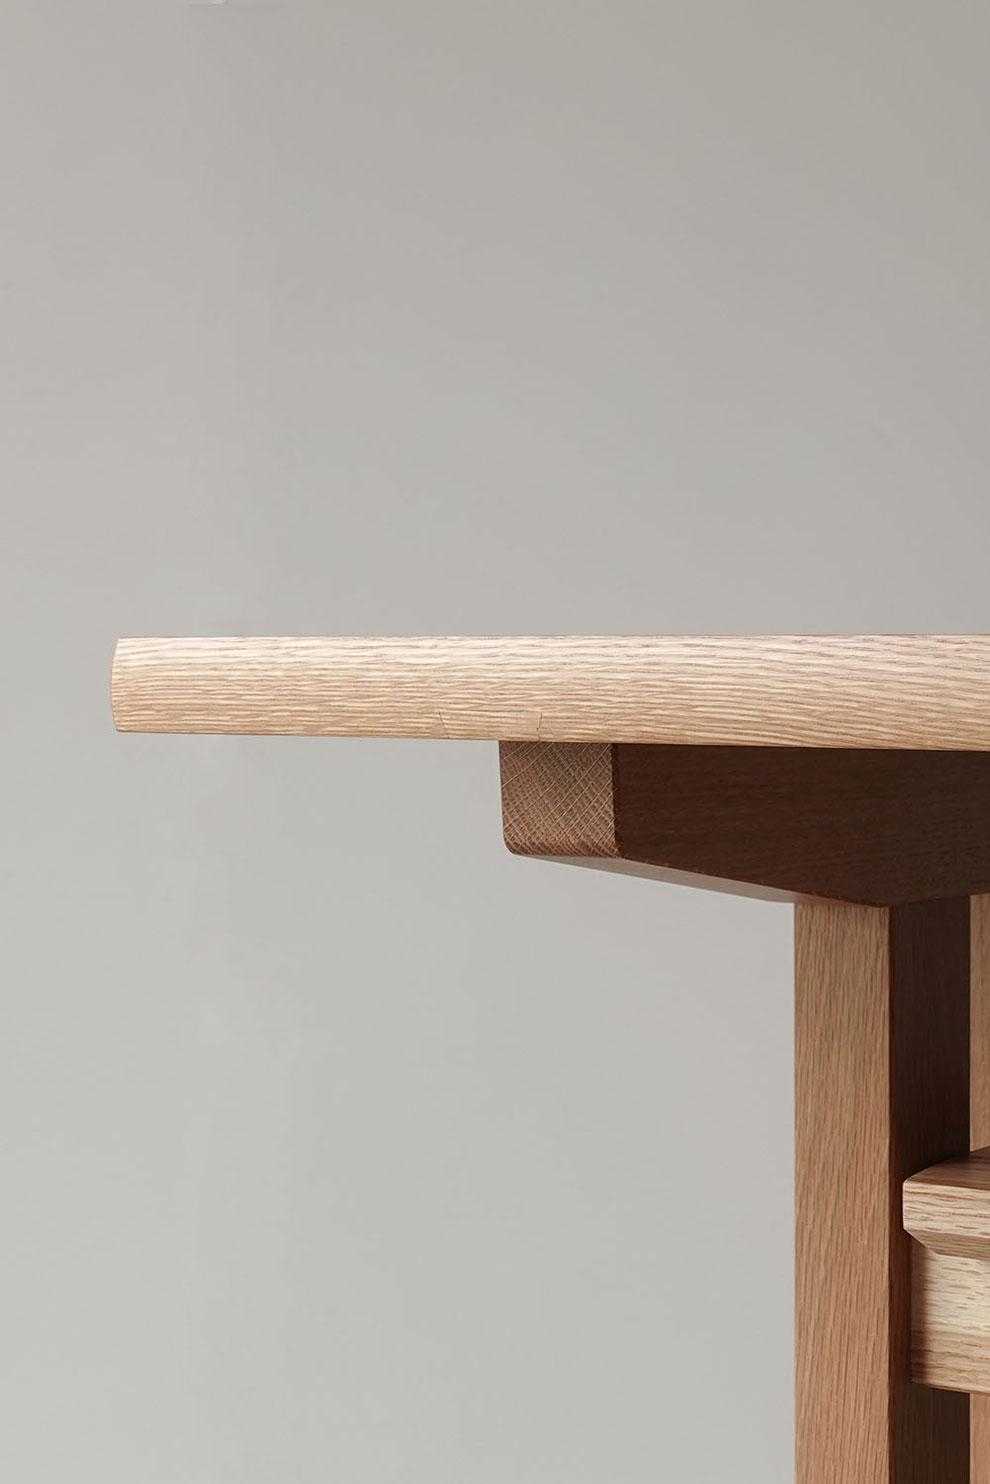 ナラ無垢材で作ったダイニングテーブルのディテール